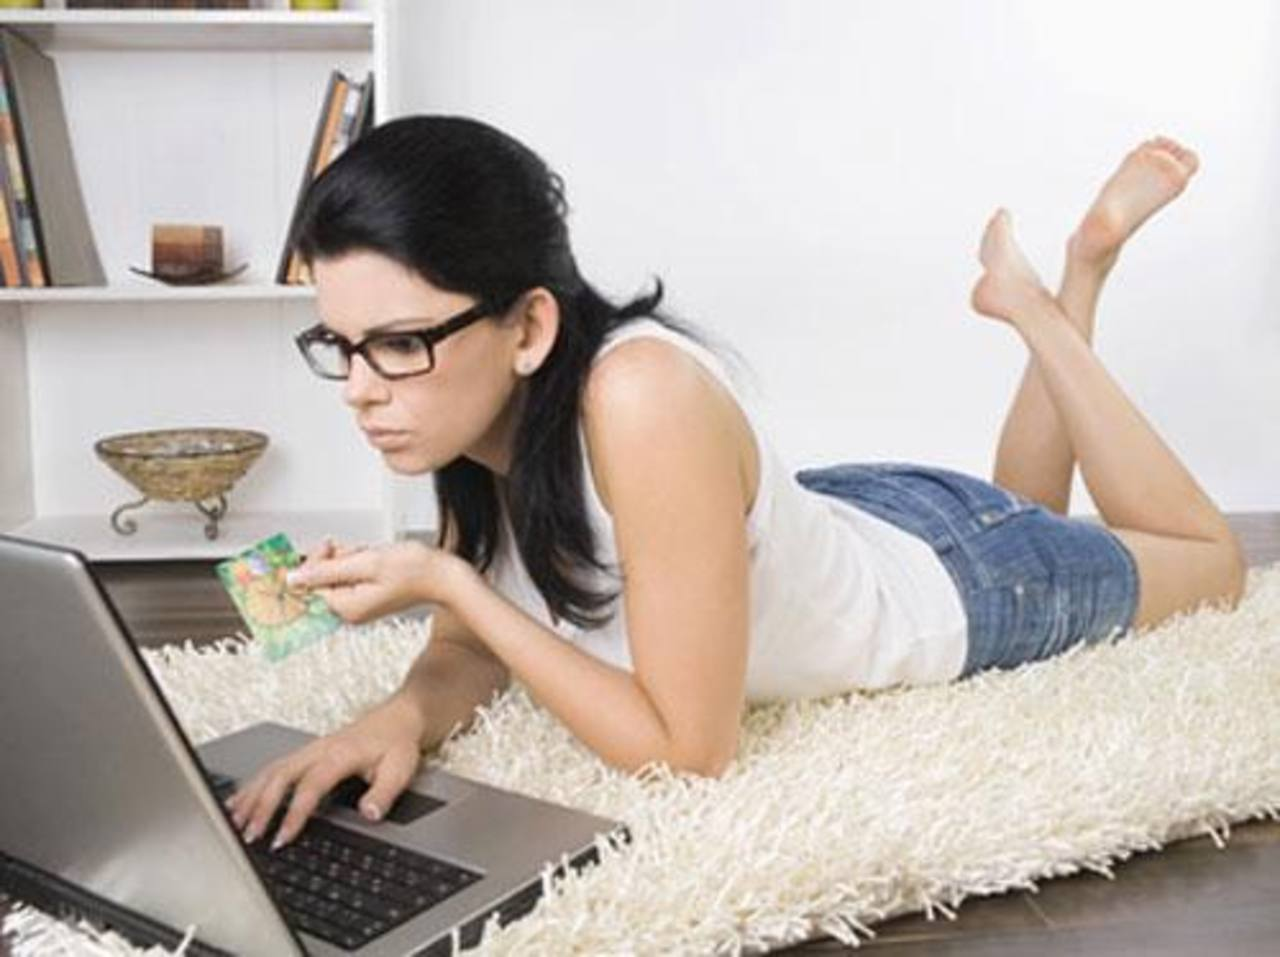 Se buscará mantener mayor apertura en la red Internet.